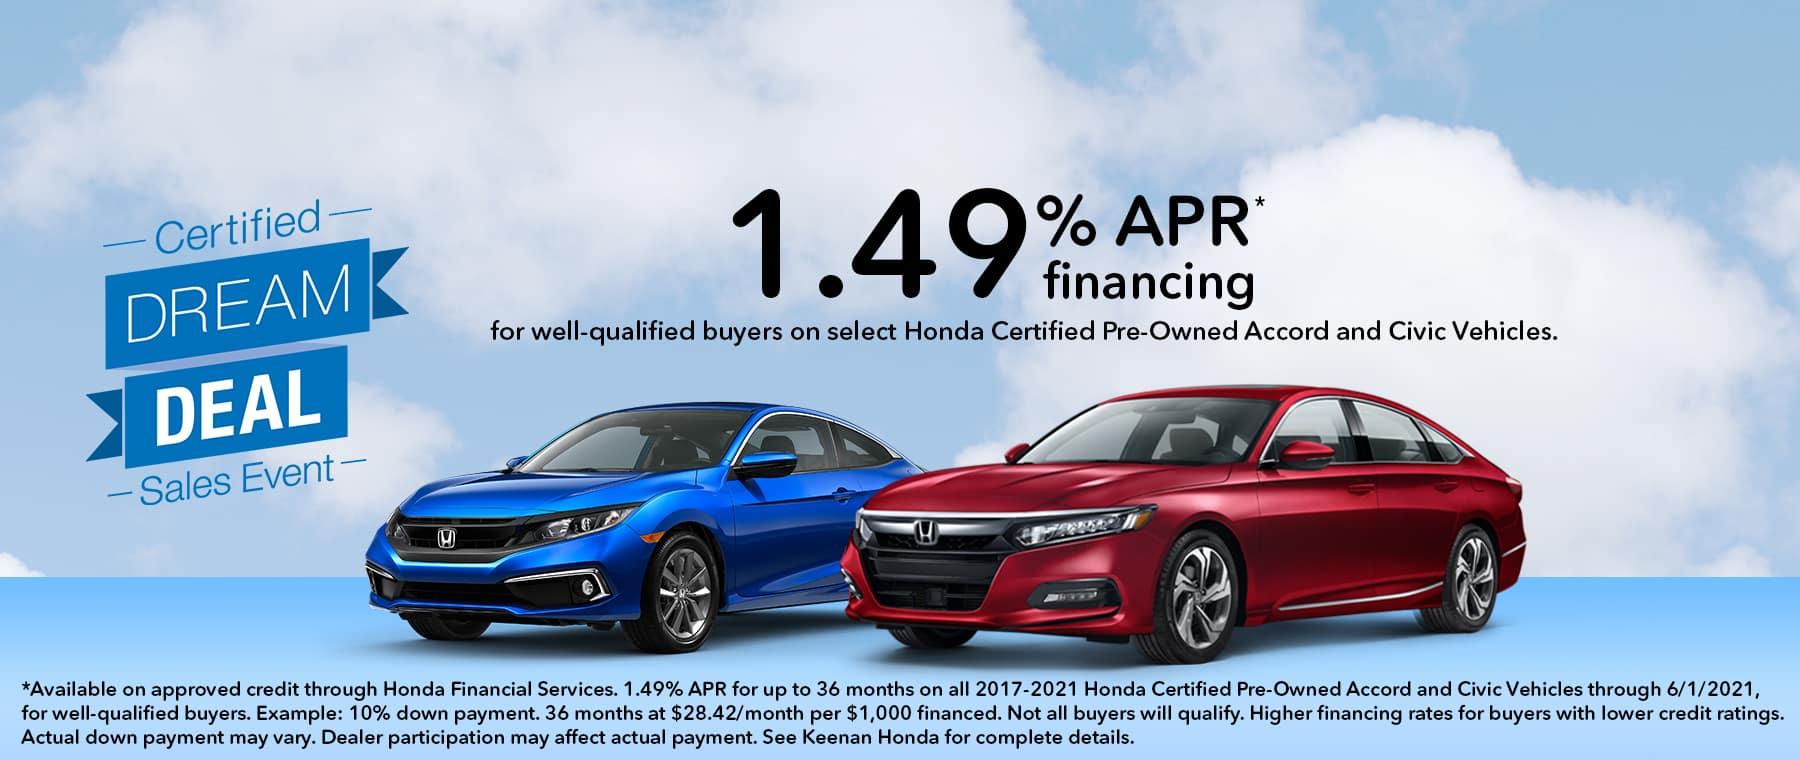 Honda Certified Dream Deal Sales Event at Keenan Honda